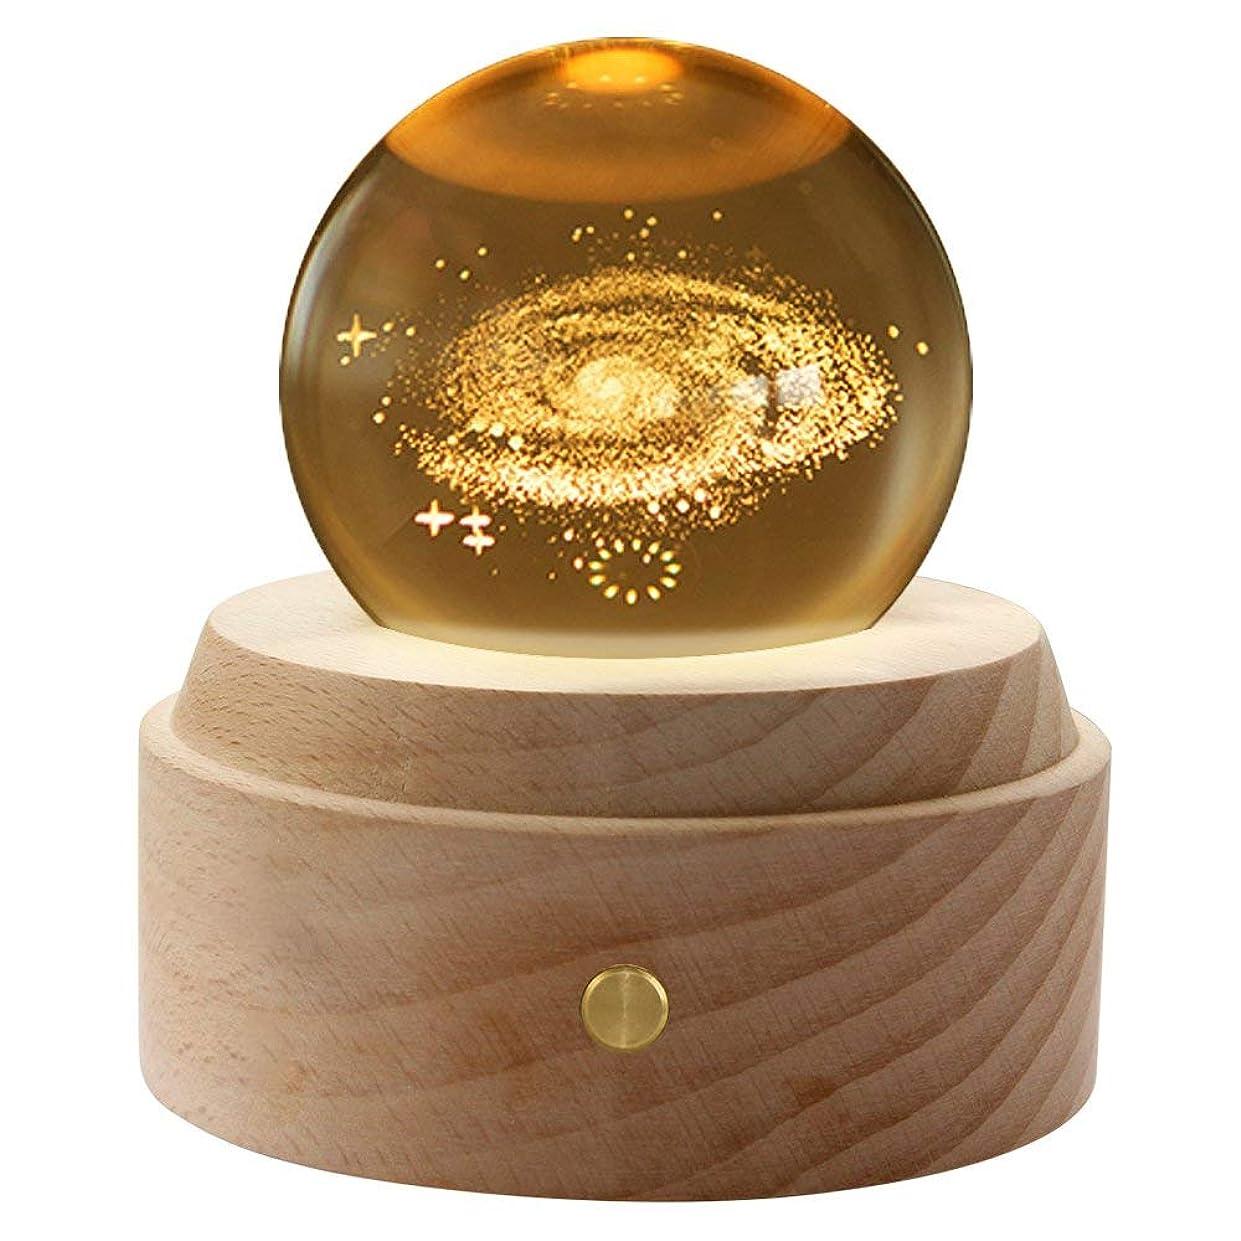 おもちゃ沈黙球体オルゴール ミュージカルボック 誕生日プレゼント 装飾 木製のクラフト スハート型